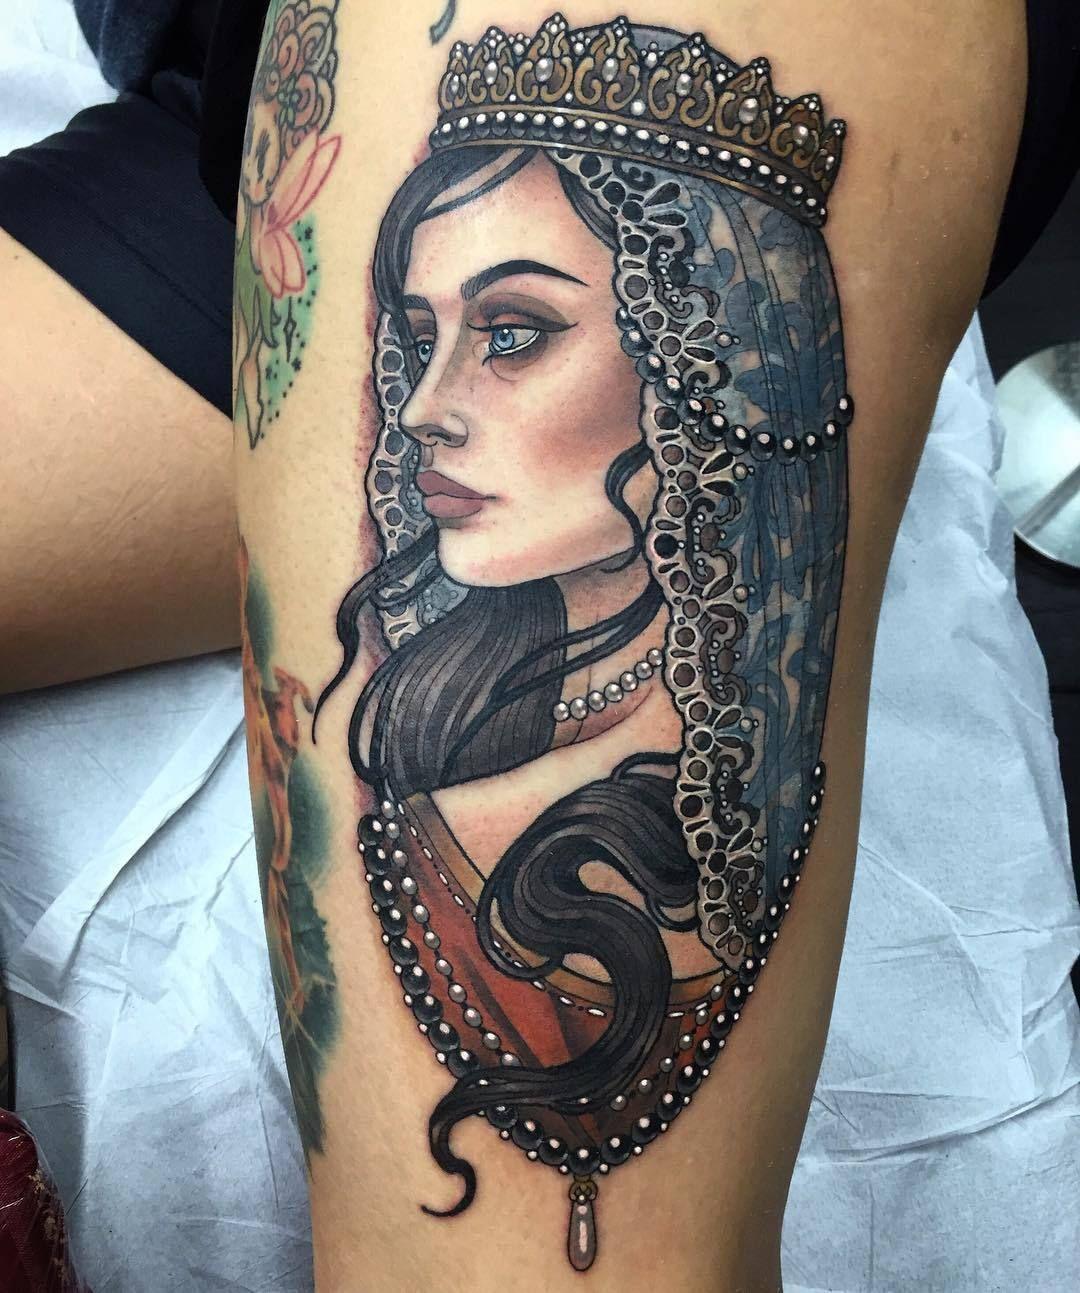 Ink it up trad tattoos blog photo pretty tattoos